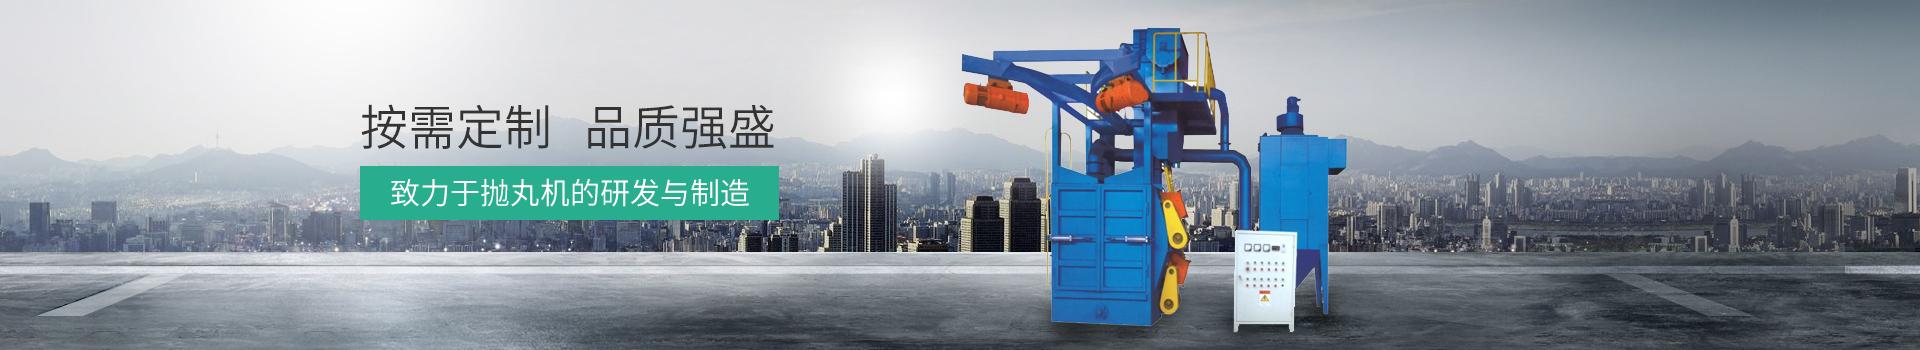 泰盛-按需定制,品质强盛                  致力于抛丸机的研发与制造